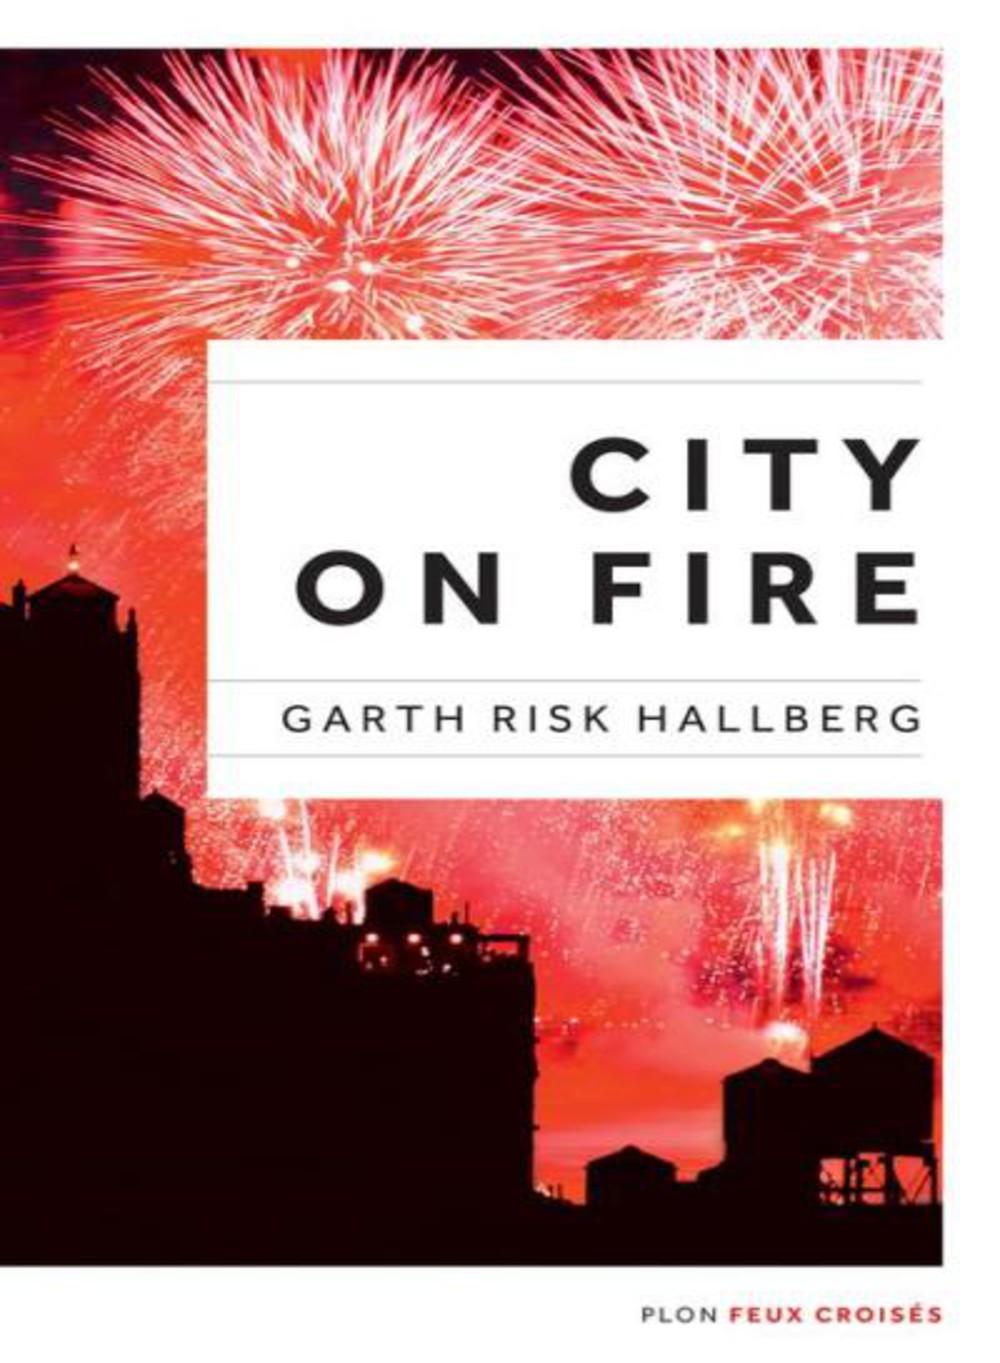 City_on_fire_edition_francaise.jpg